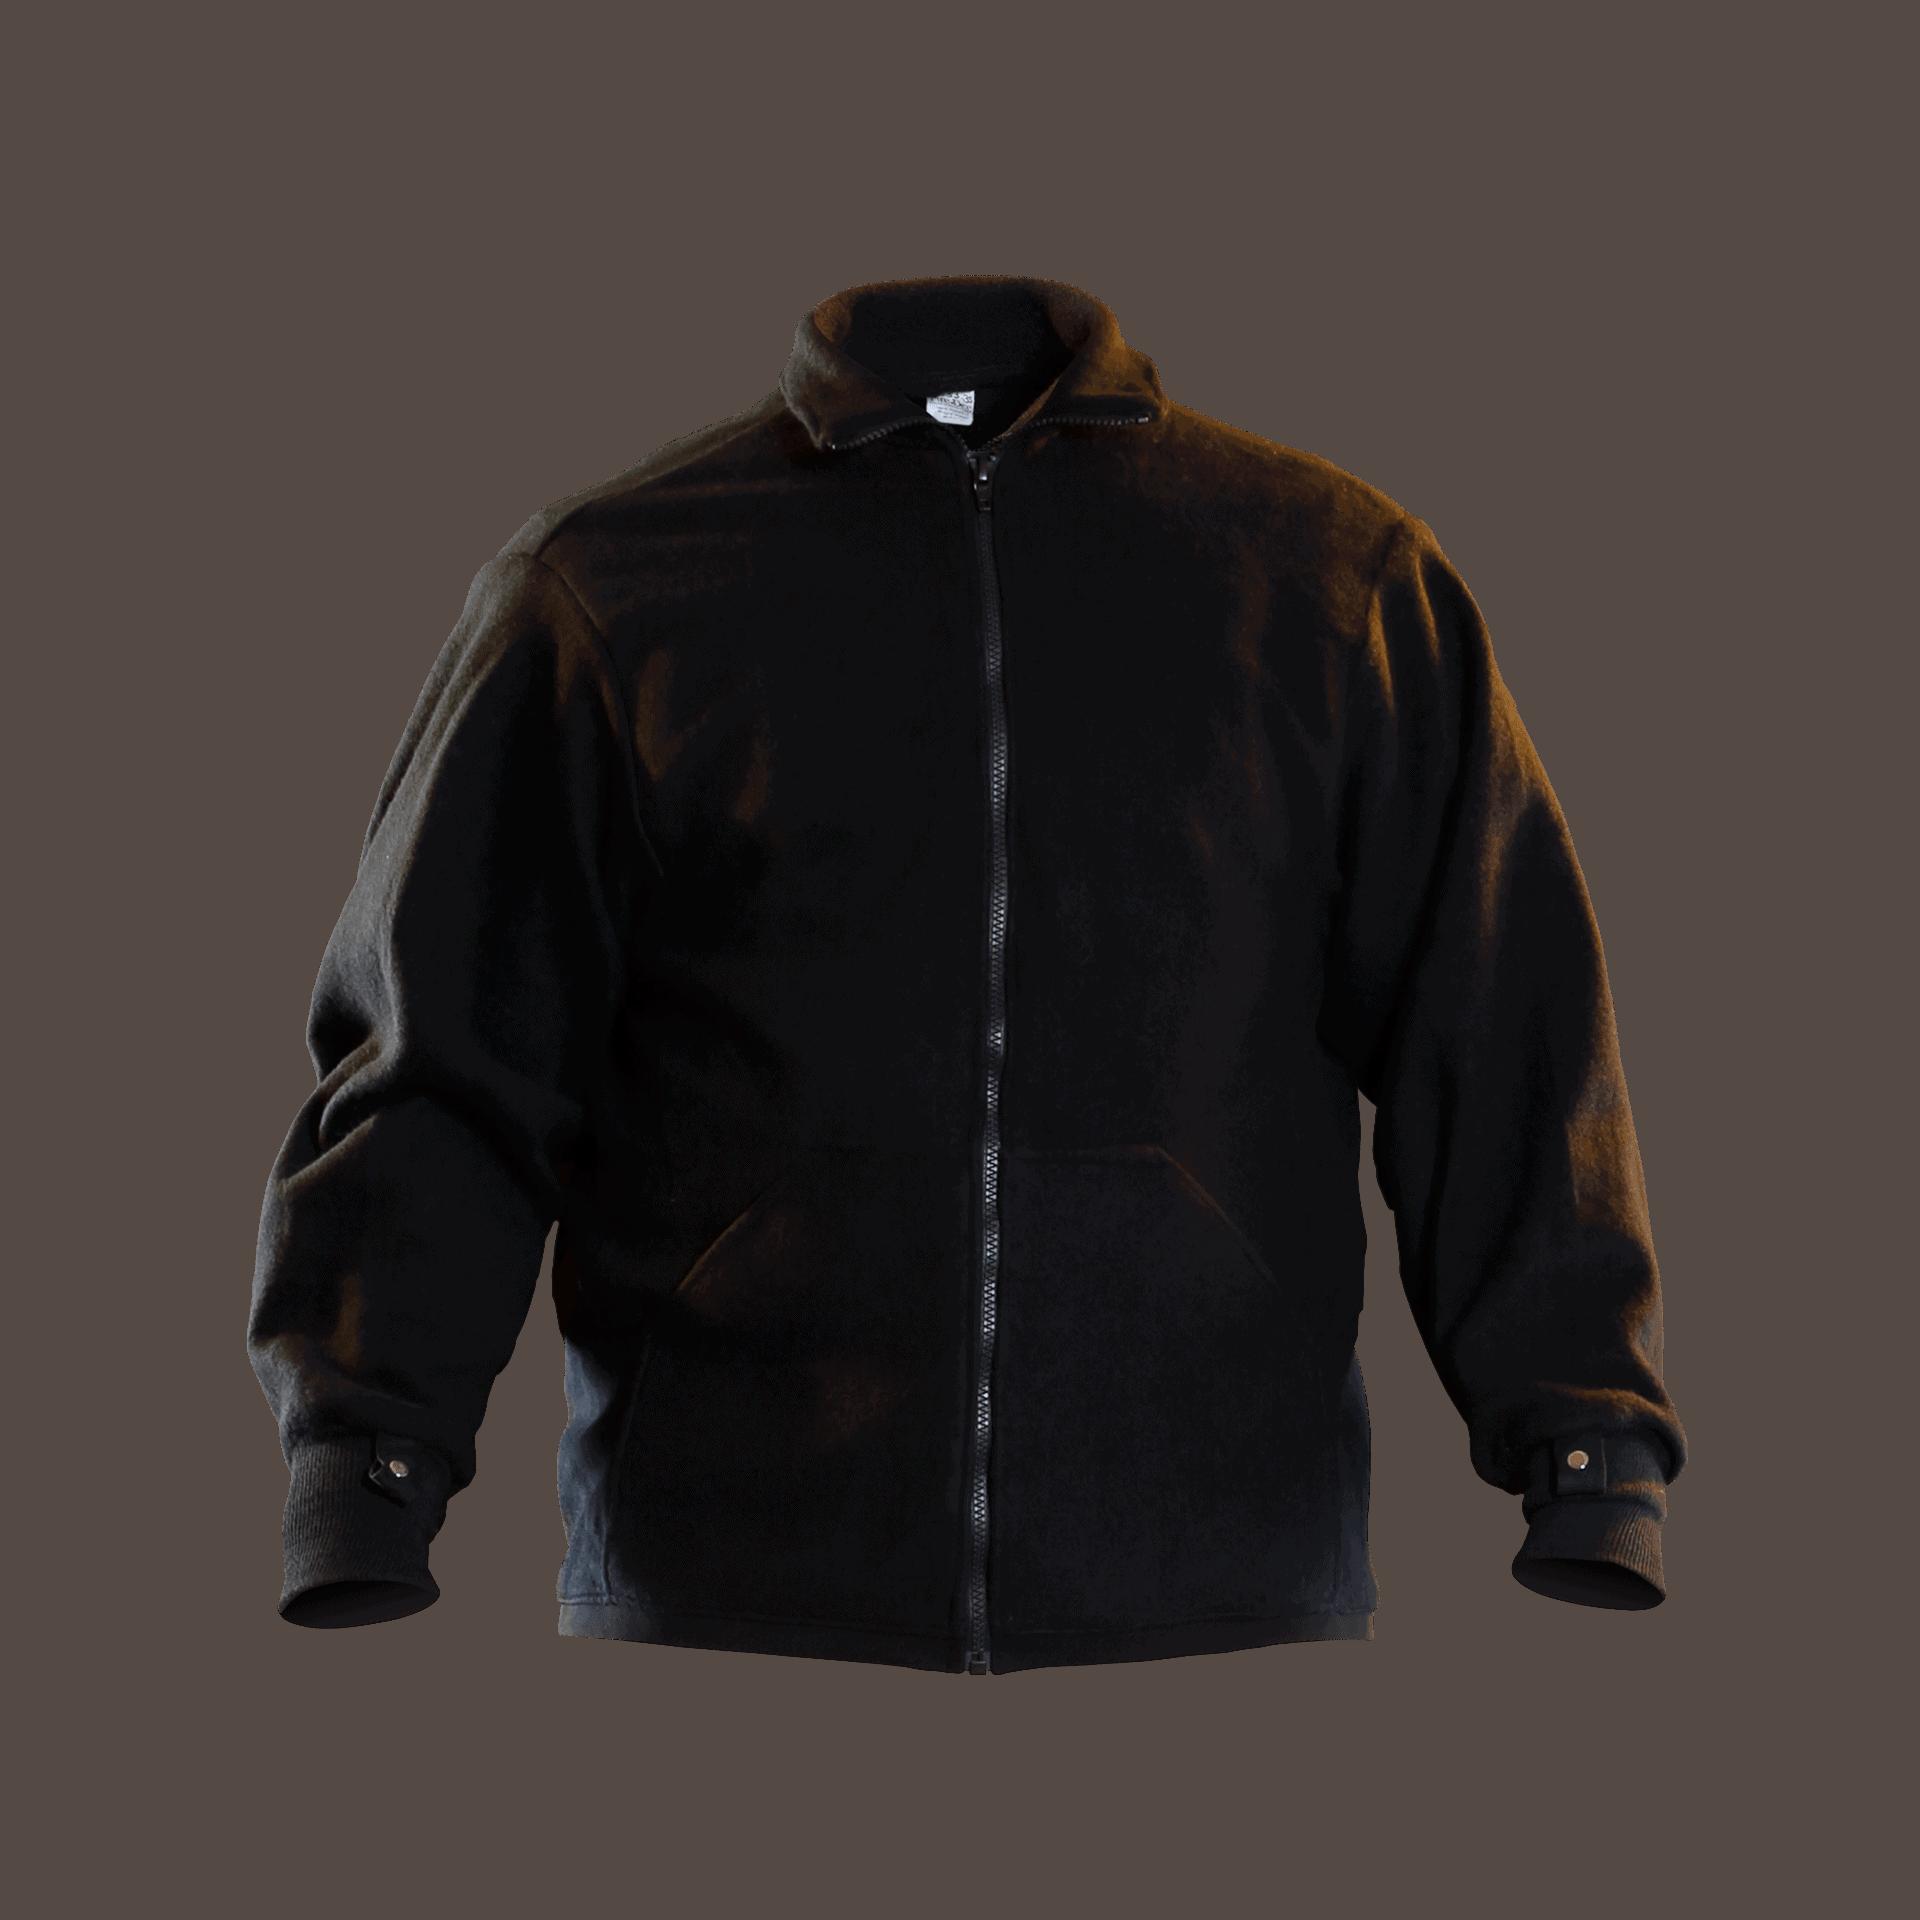 USAR jacket fleece liner